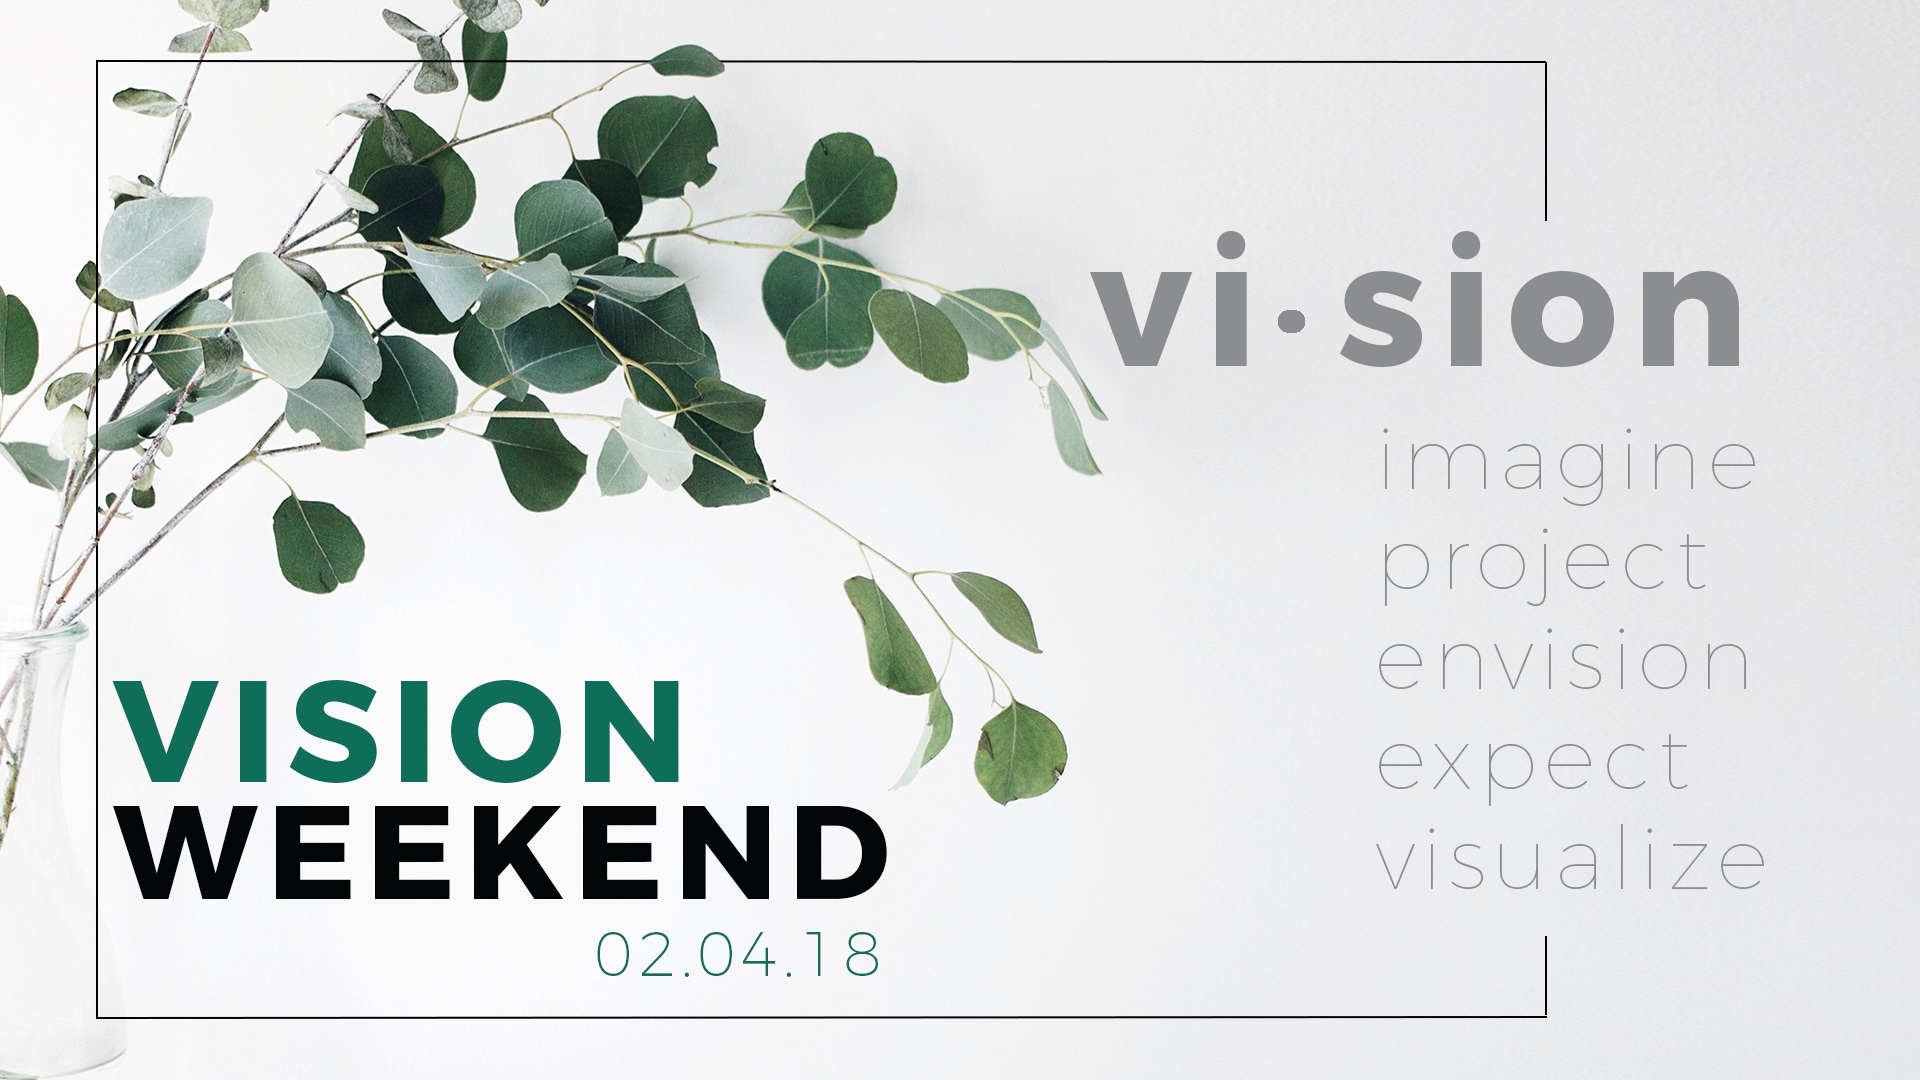 Vision Weekend 2018.jpg